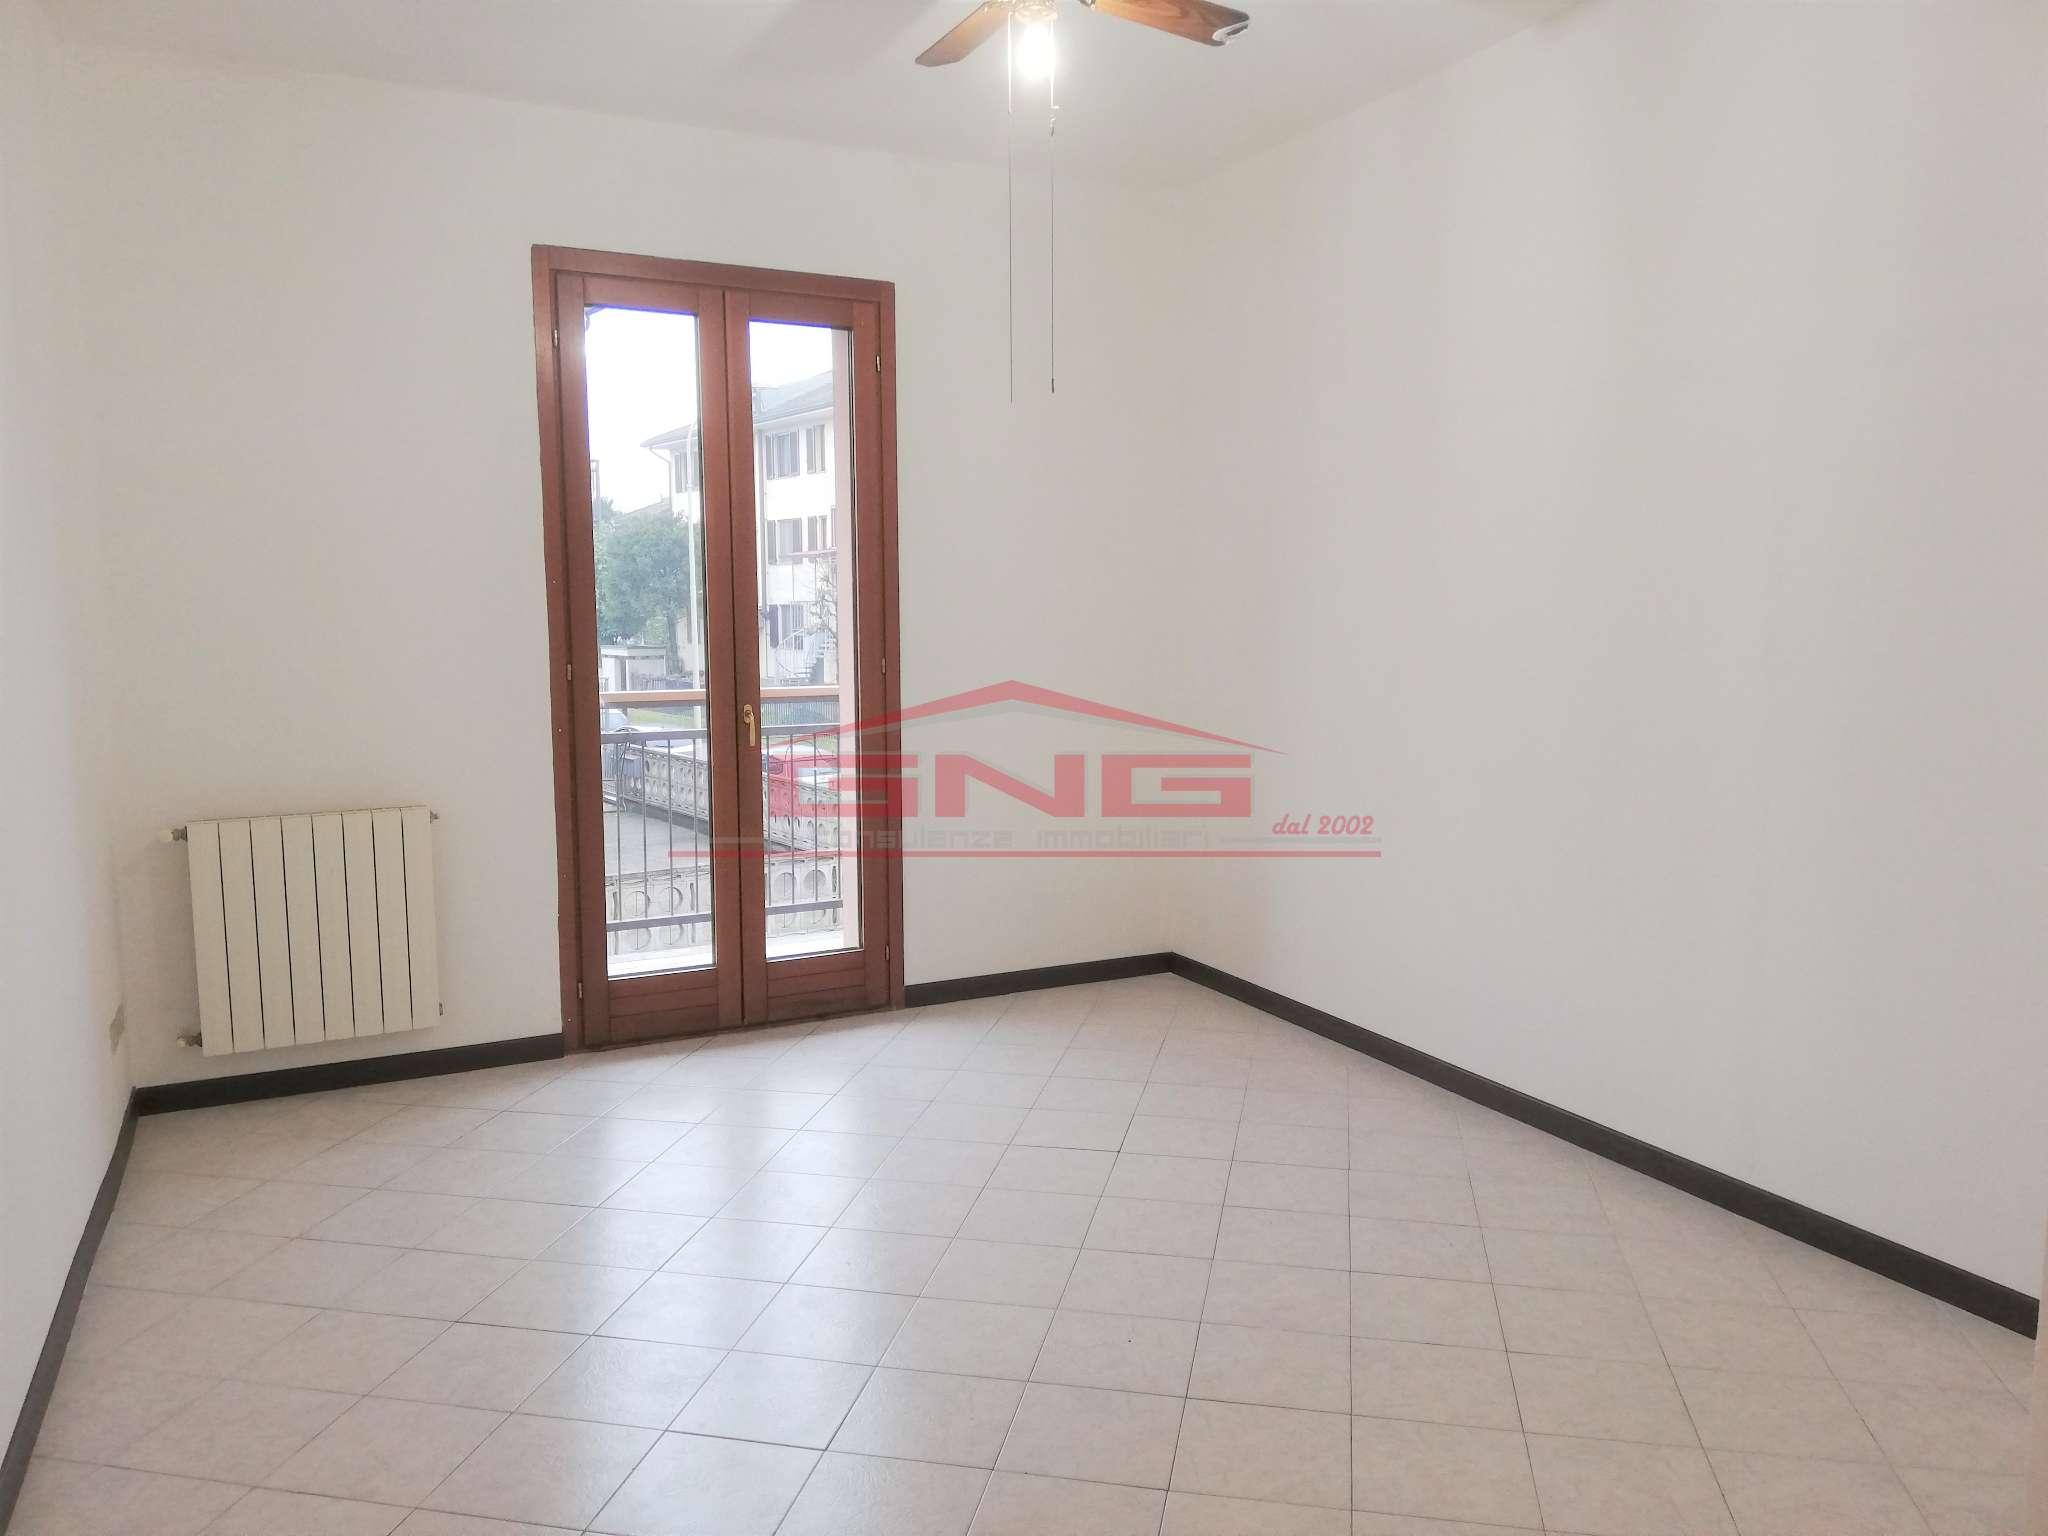 Appartamento in vendita a Carpiano, 2 locali, prezzo € 75.000 | CambioCasa.it